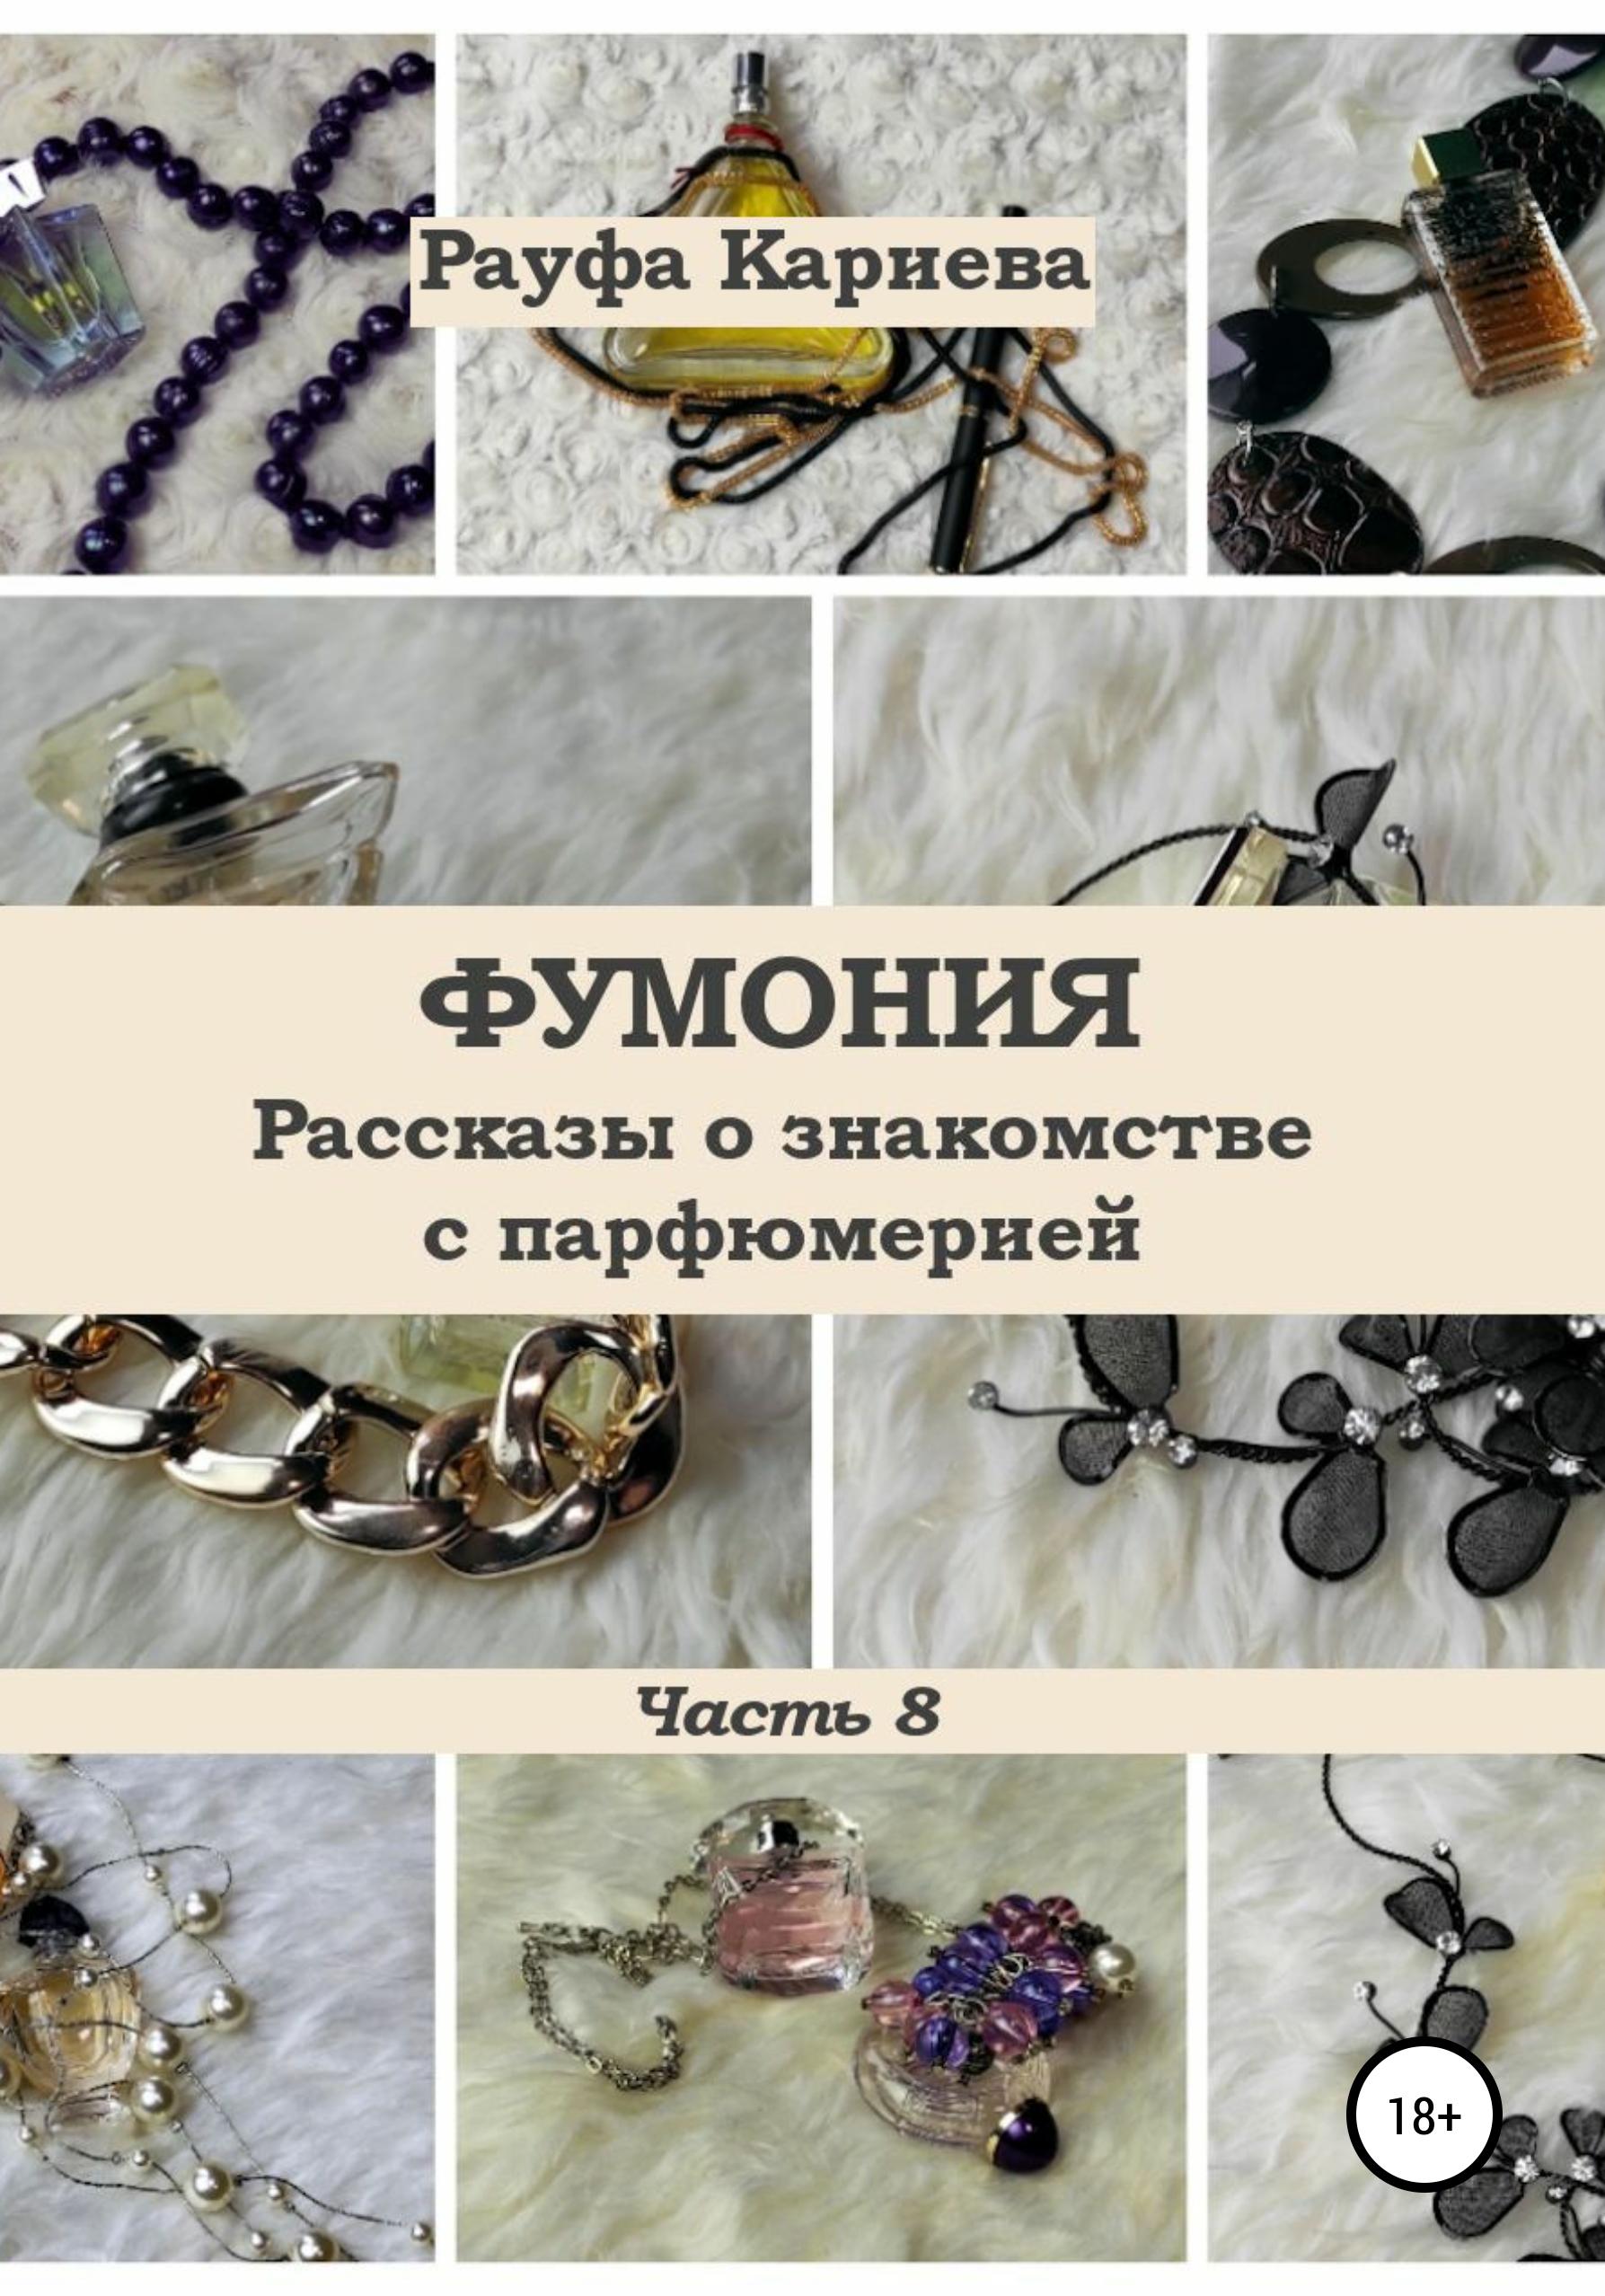 Купить книгу Фумония 8, автора Рауфы Кариевой